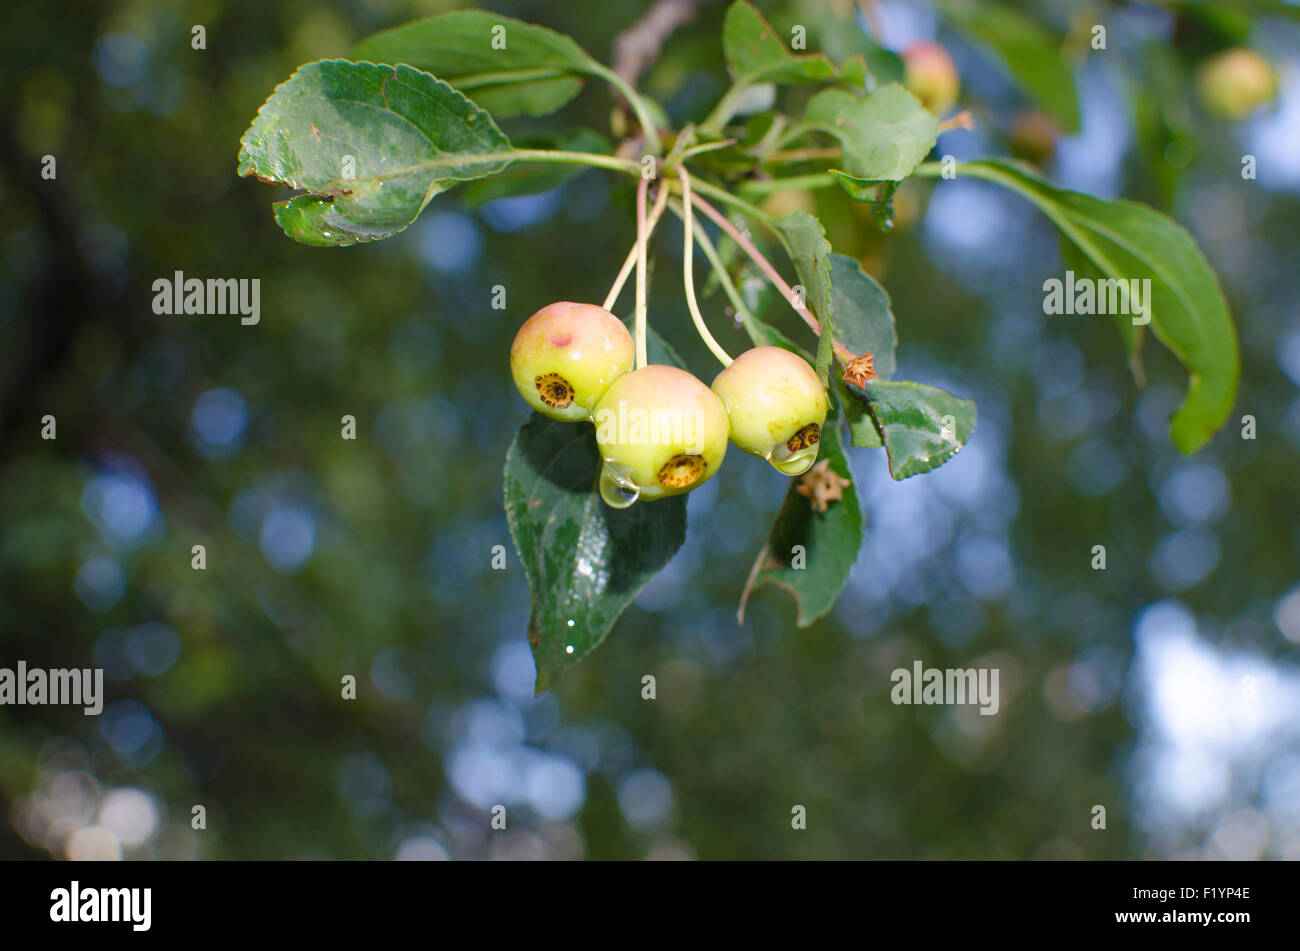 Ganz und zu Extrem Apfelbaum, Äpfel mit Regentropfen, ein kleiner Zweig, Apfelbaum #RR_58